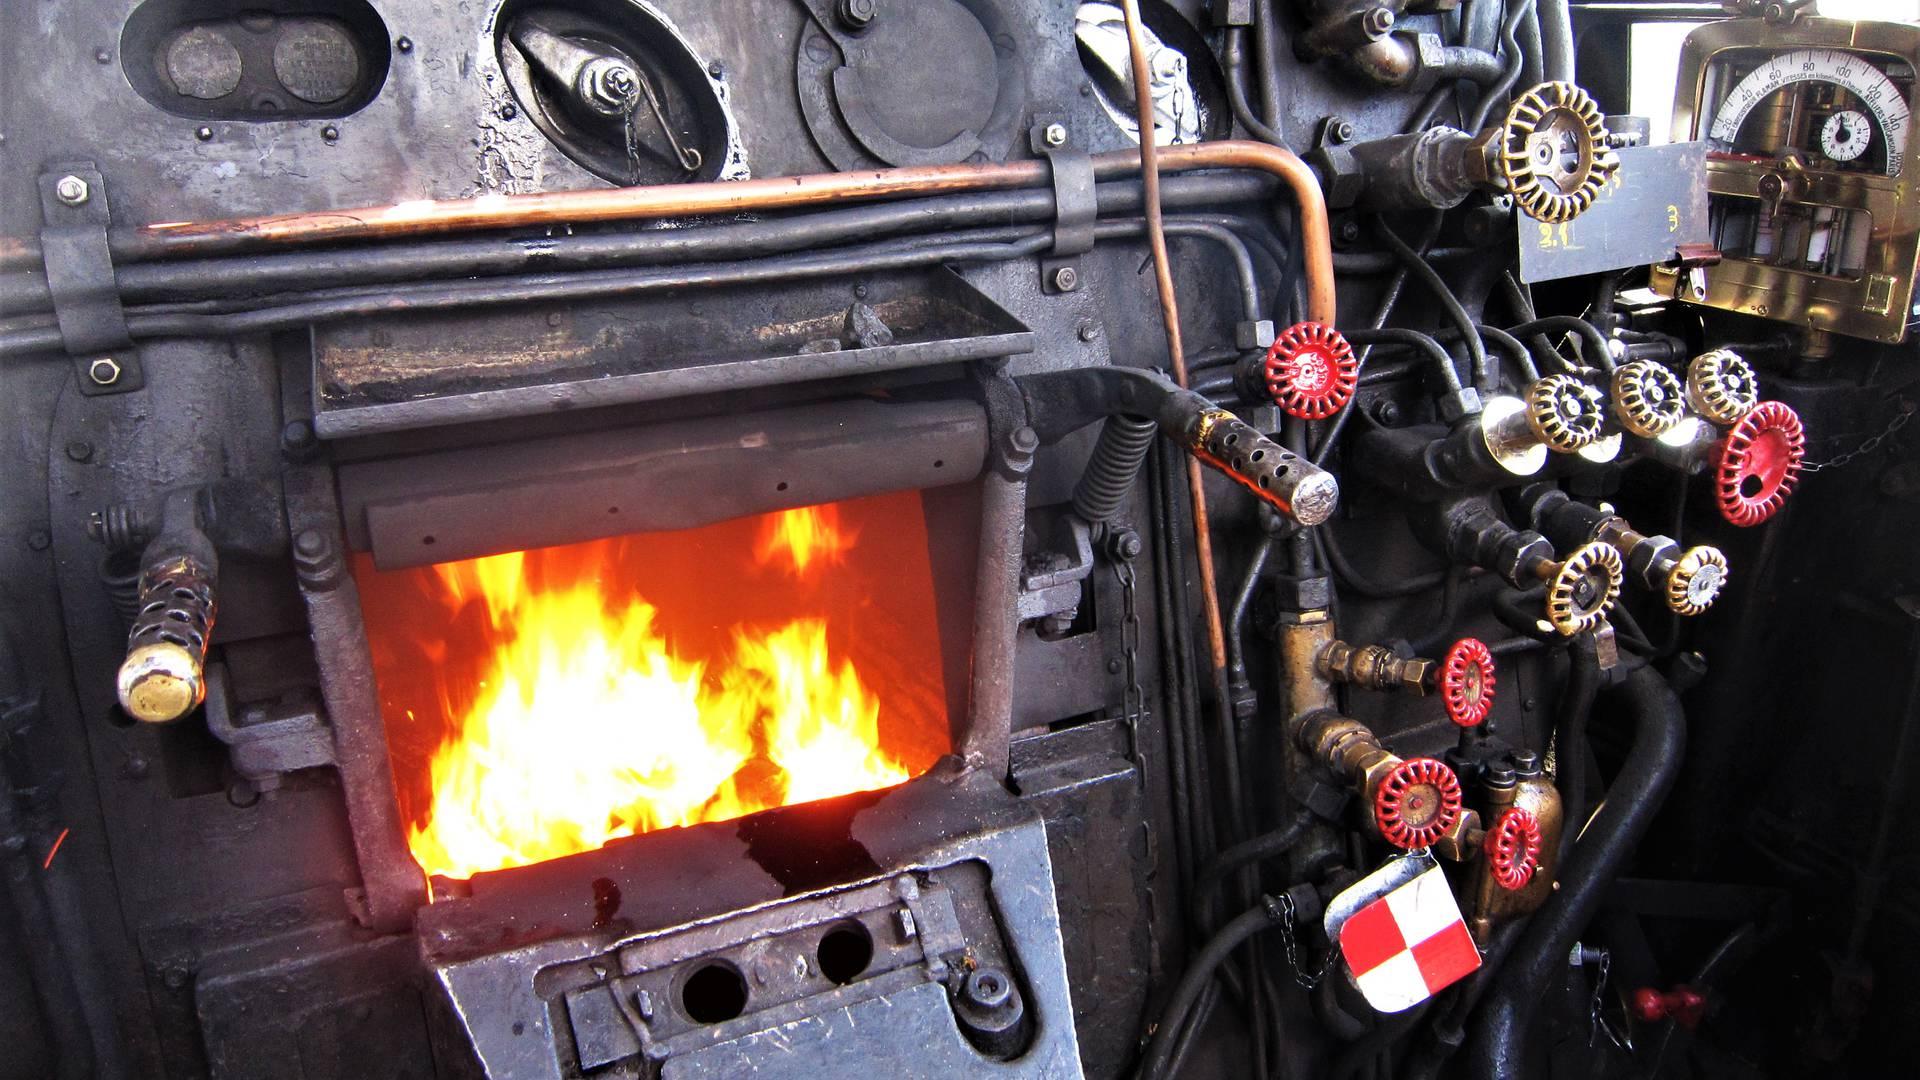 Au charbon ! Détail de la chaudière de la 241 P 17, Le Creusot. © Chemins de Fer du Creusot.